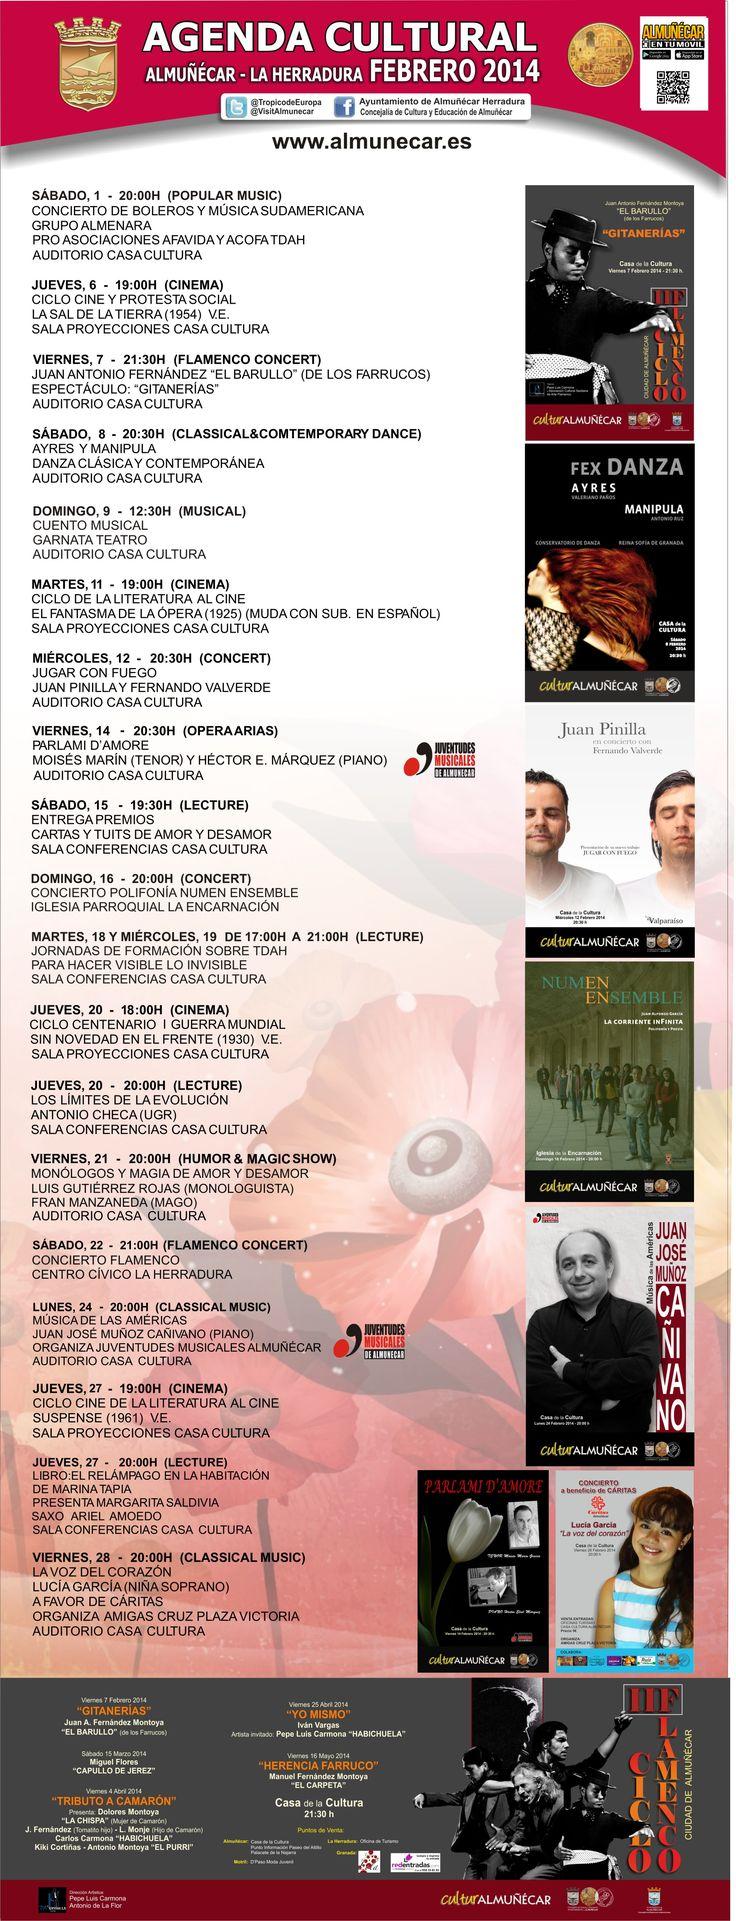 Agenda Cultural Almuñécar Febrero 2014